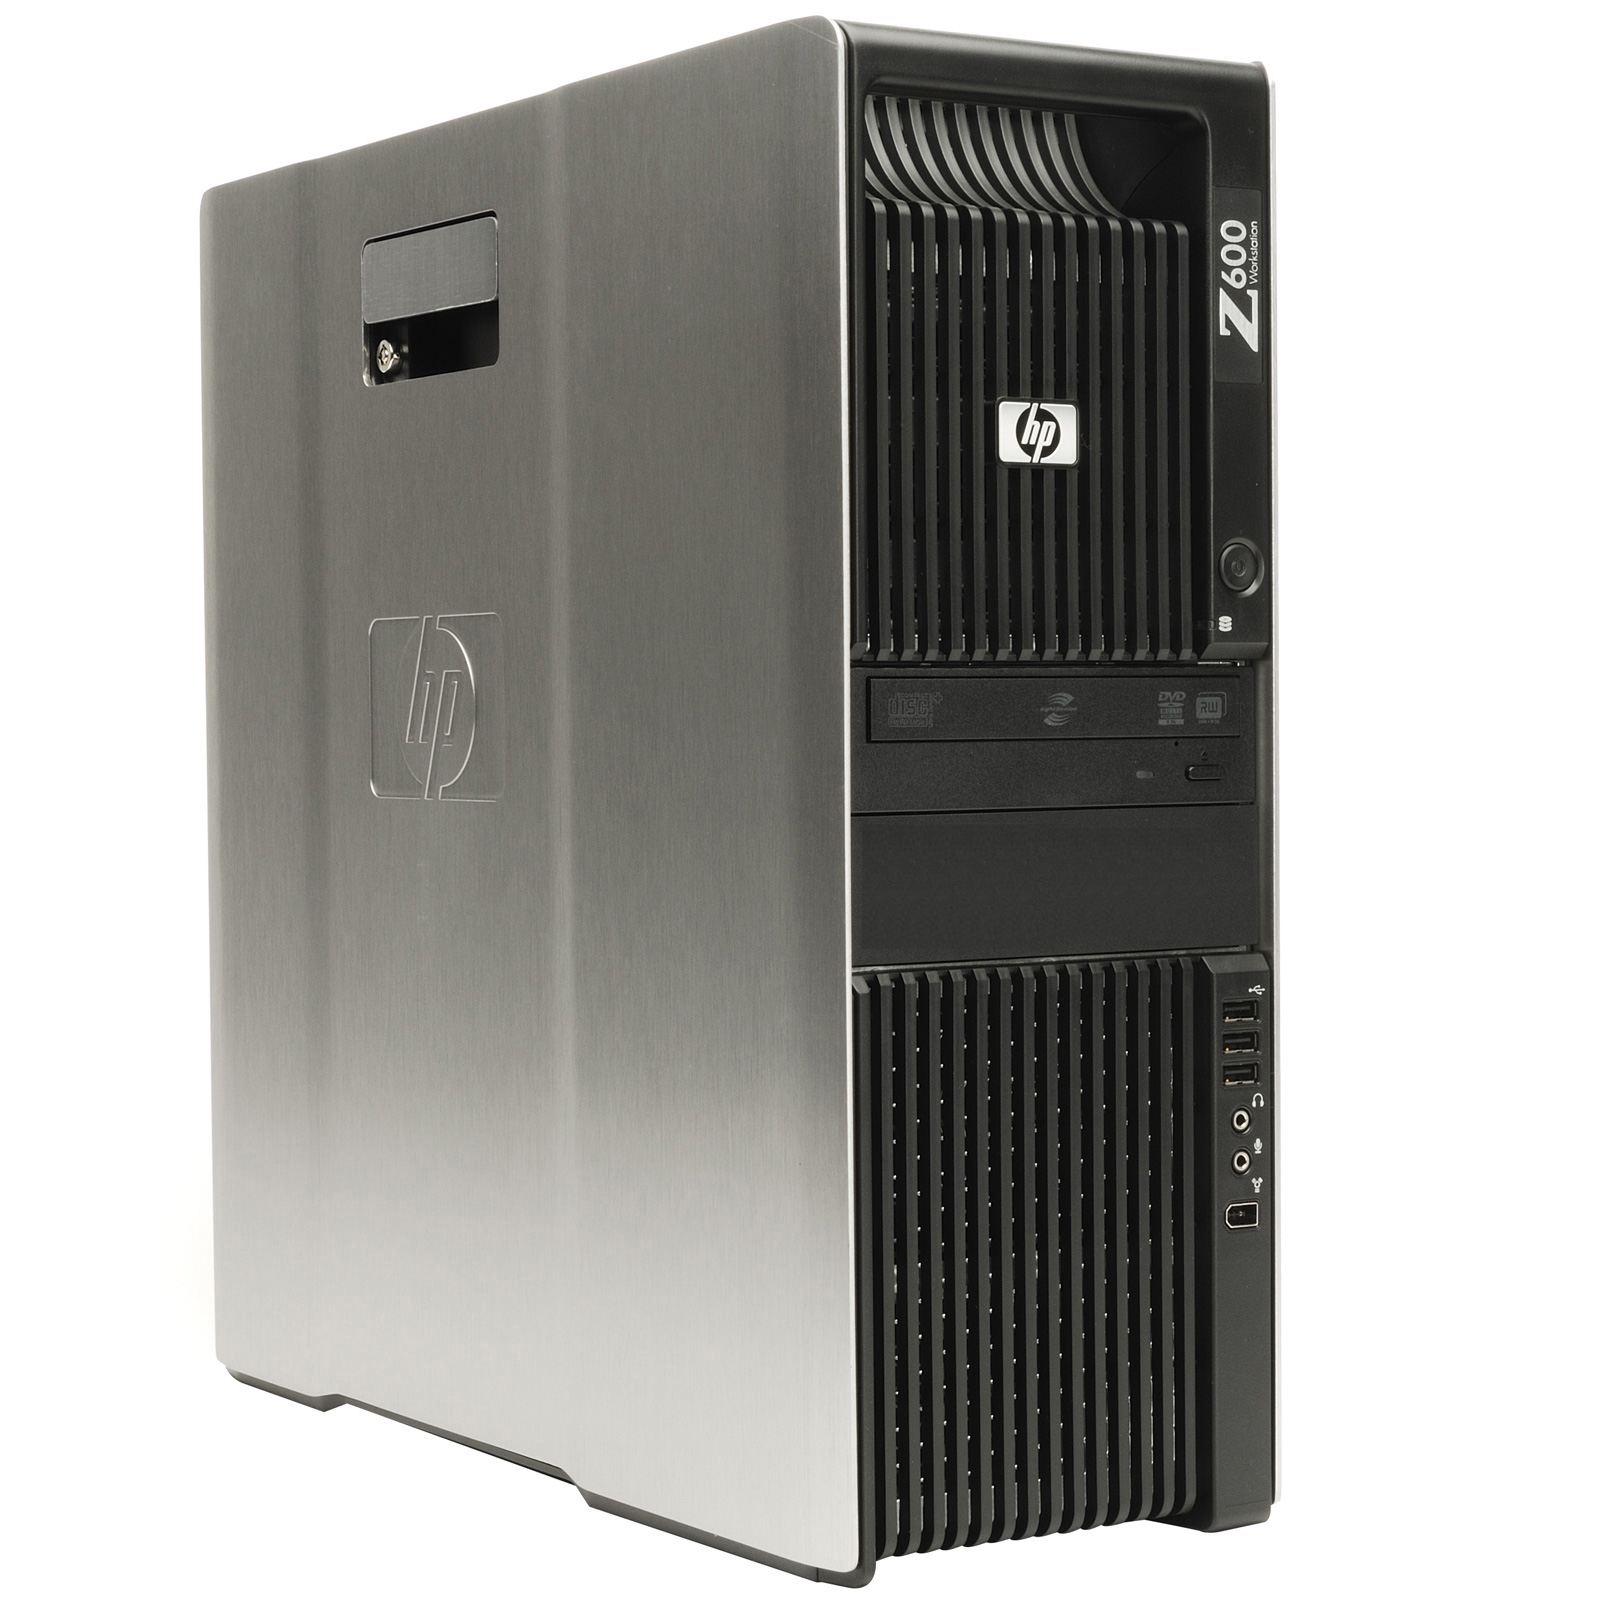 HP Workstation Z600 Xeon*2